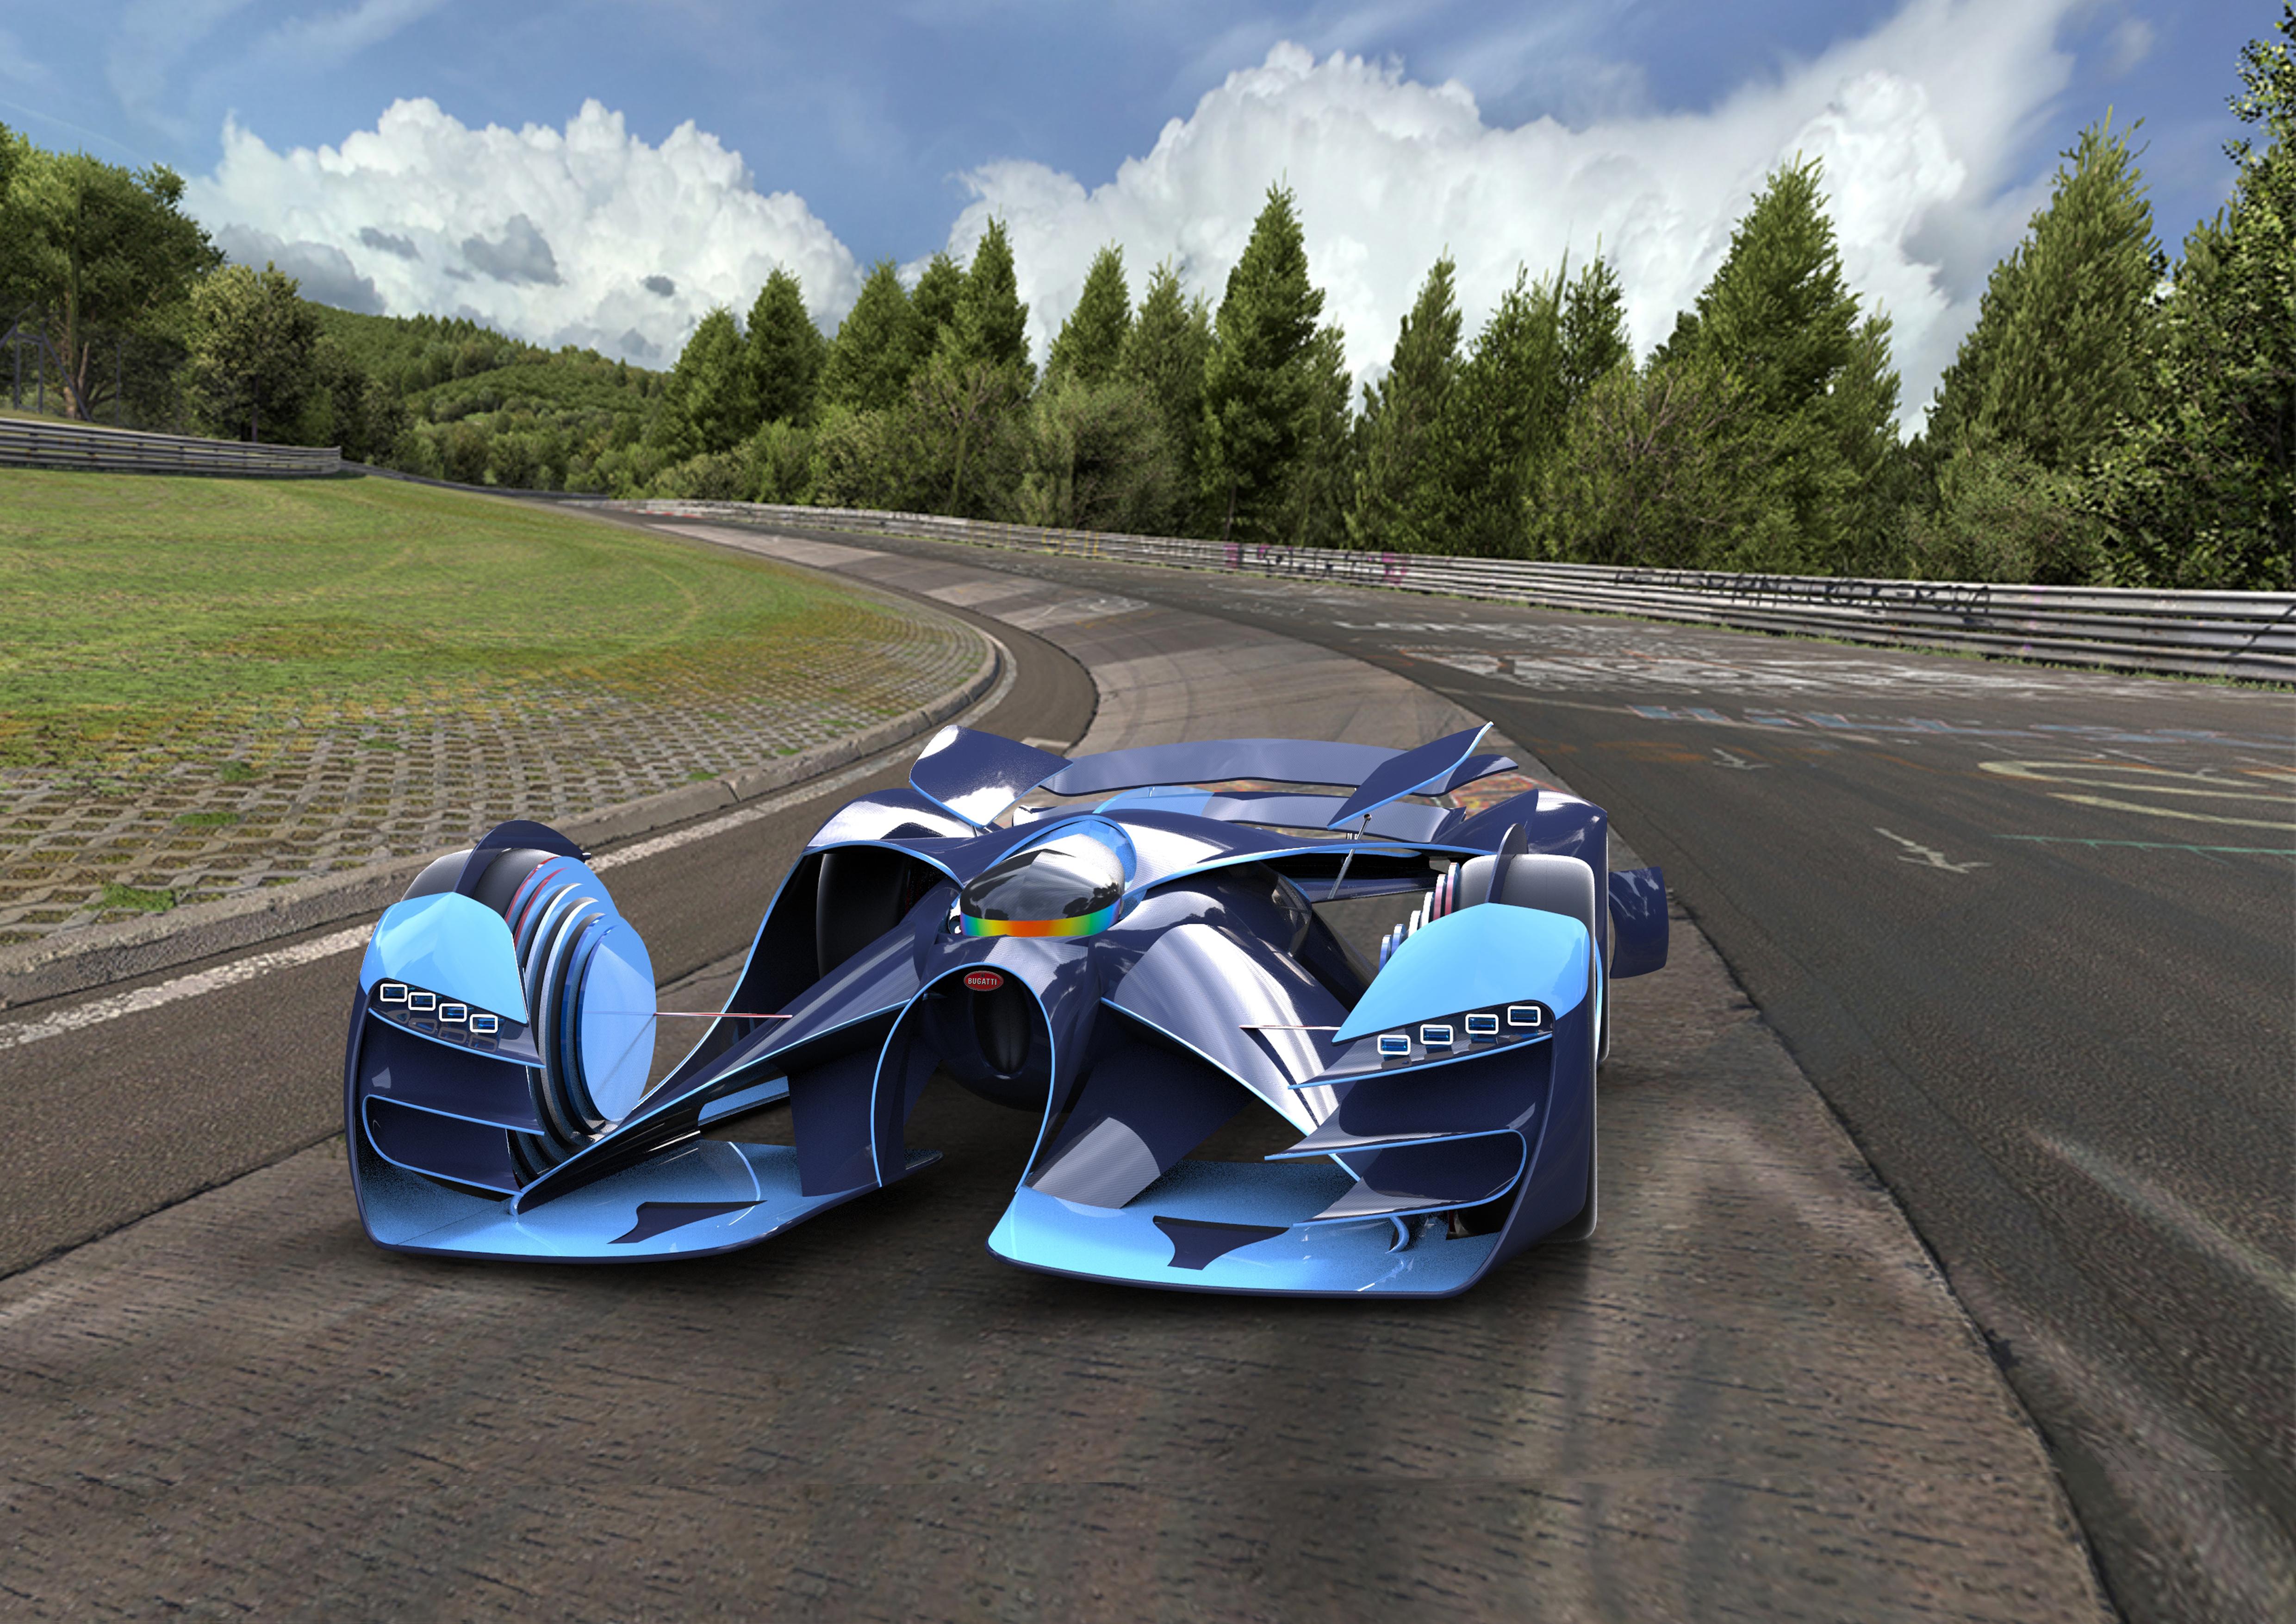 Cars Italy Race